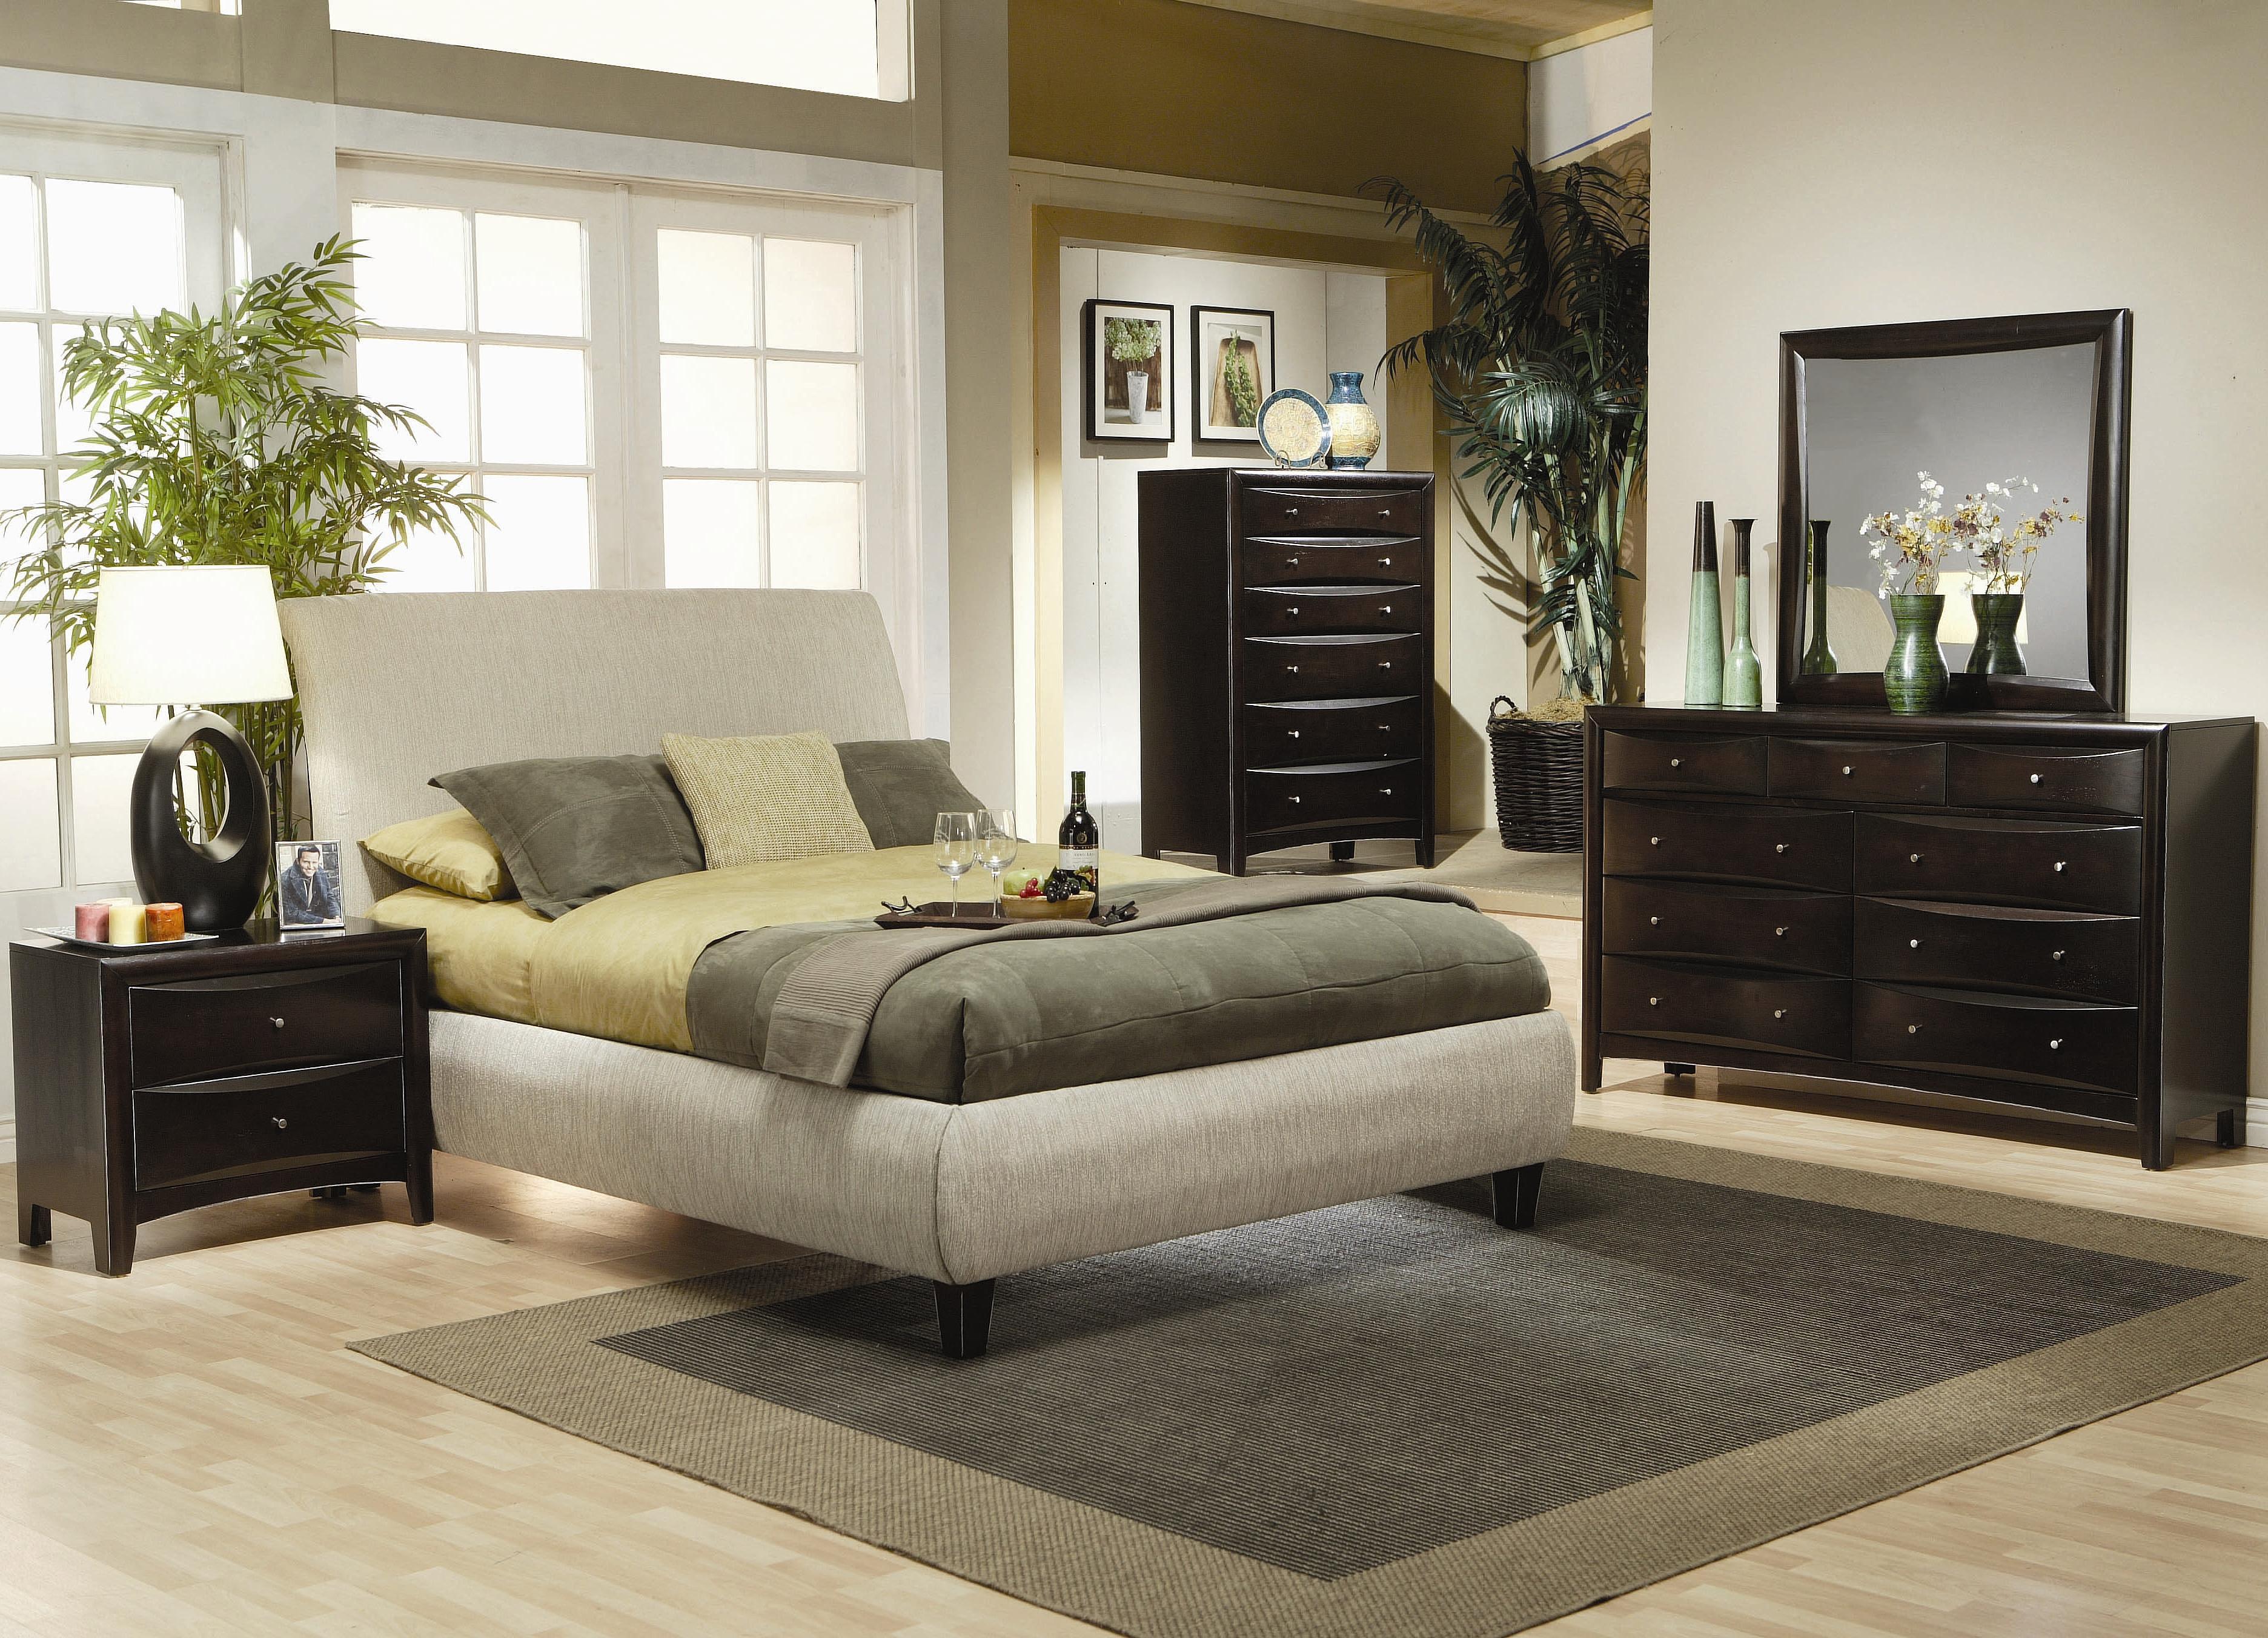 Model Home Furnishings